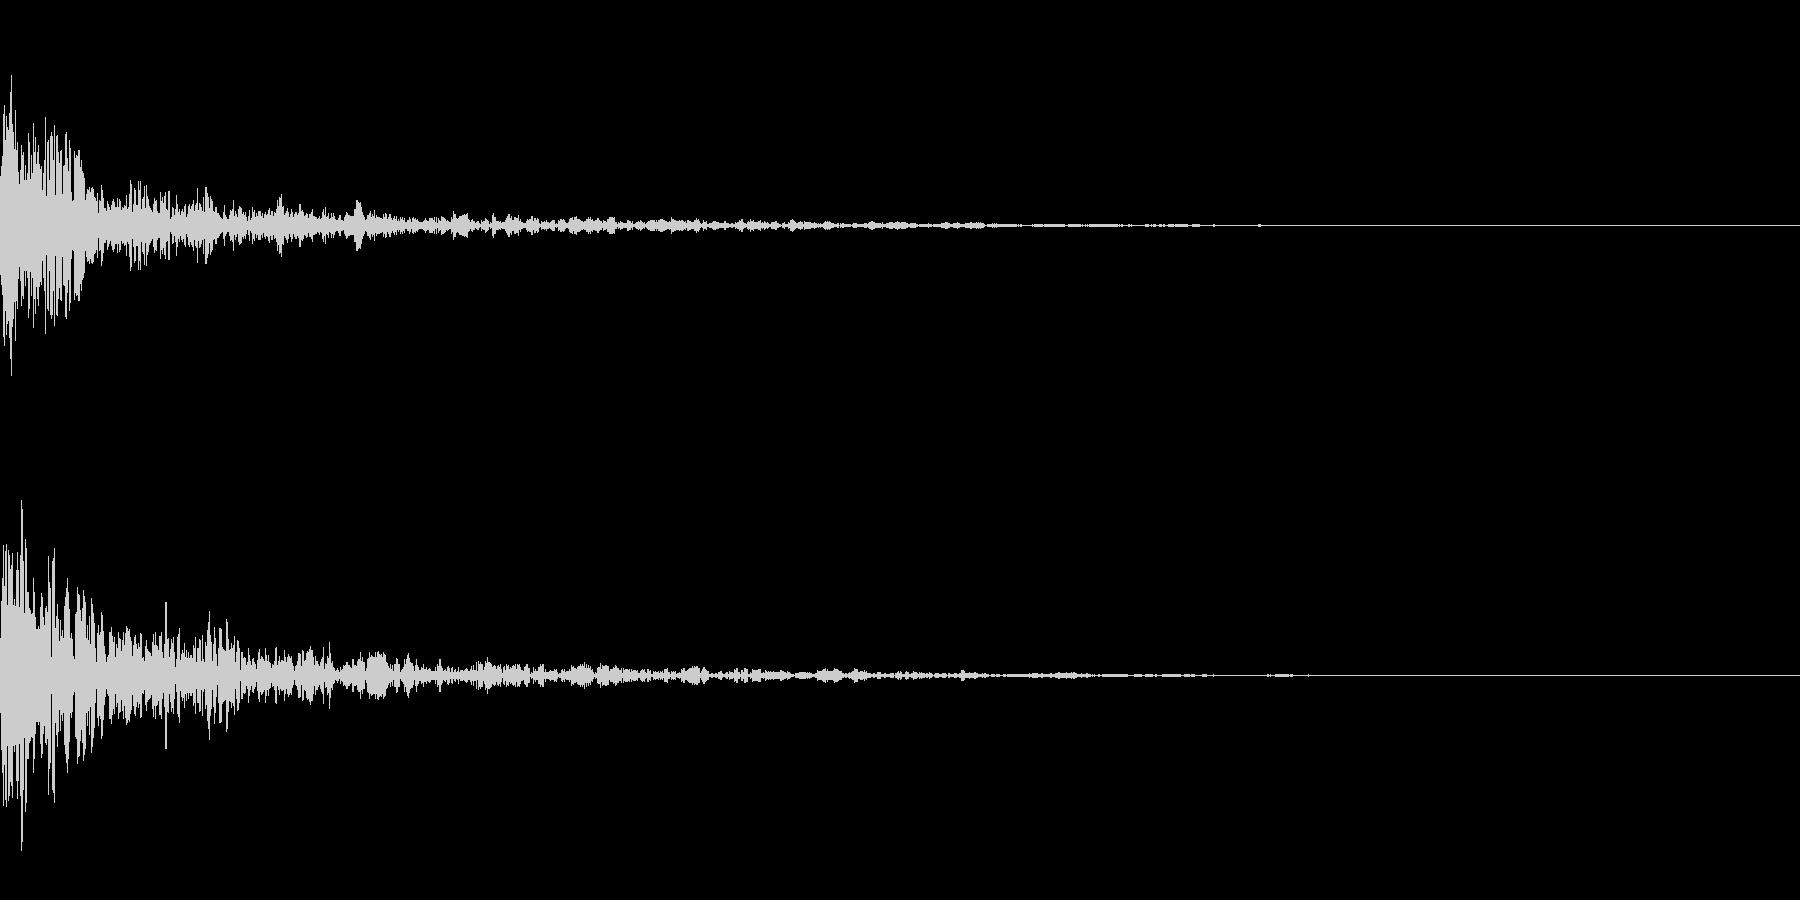 ドーン-37-1(インパクト音)の未再生の波形